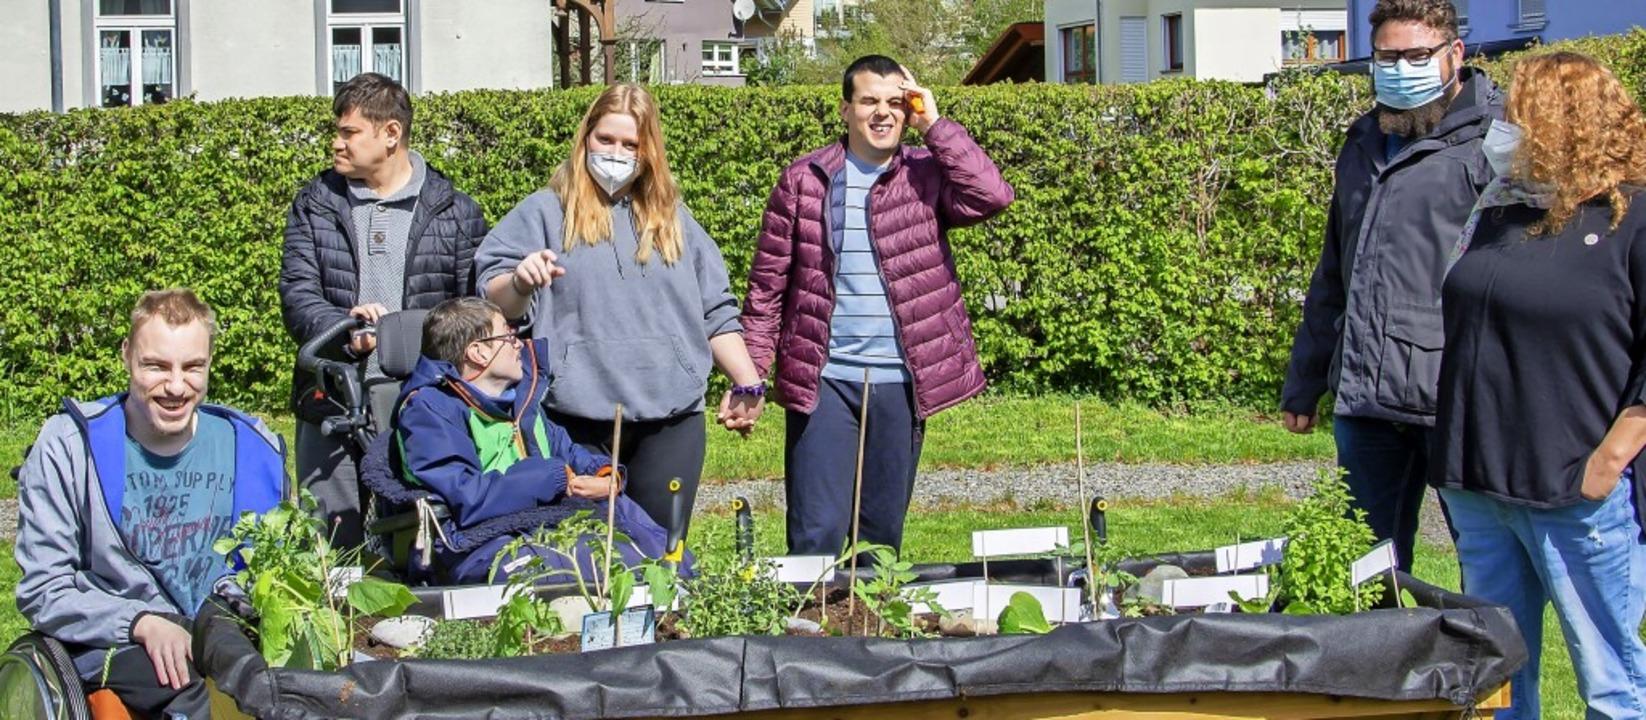 Die Fördergruppe Schönau ist stolz auf das von ihr geschaffene Hochbeet.     Foto: Paul Eischet